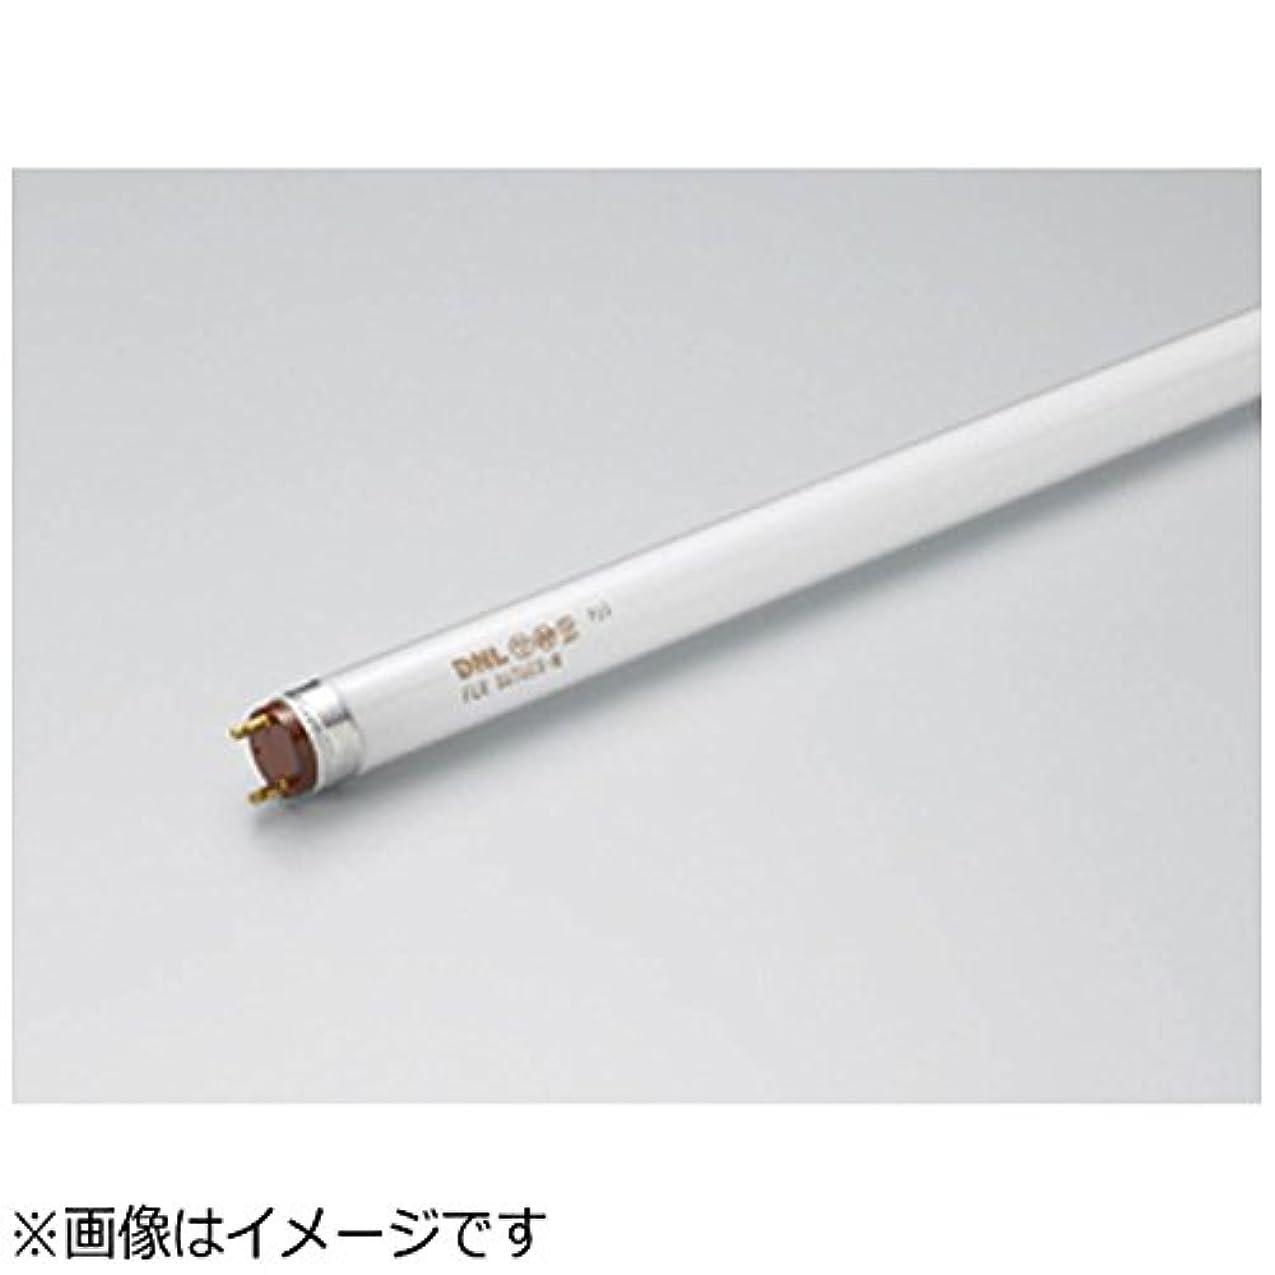 ギャラリーレースフィードDNライティング エースライン スリム蛍光灯 FLR303T6R